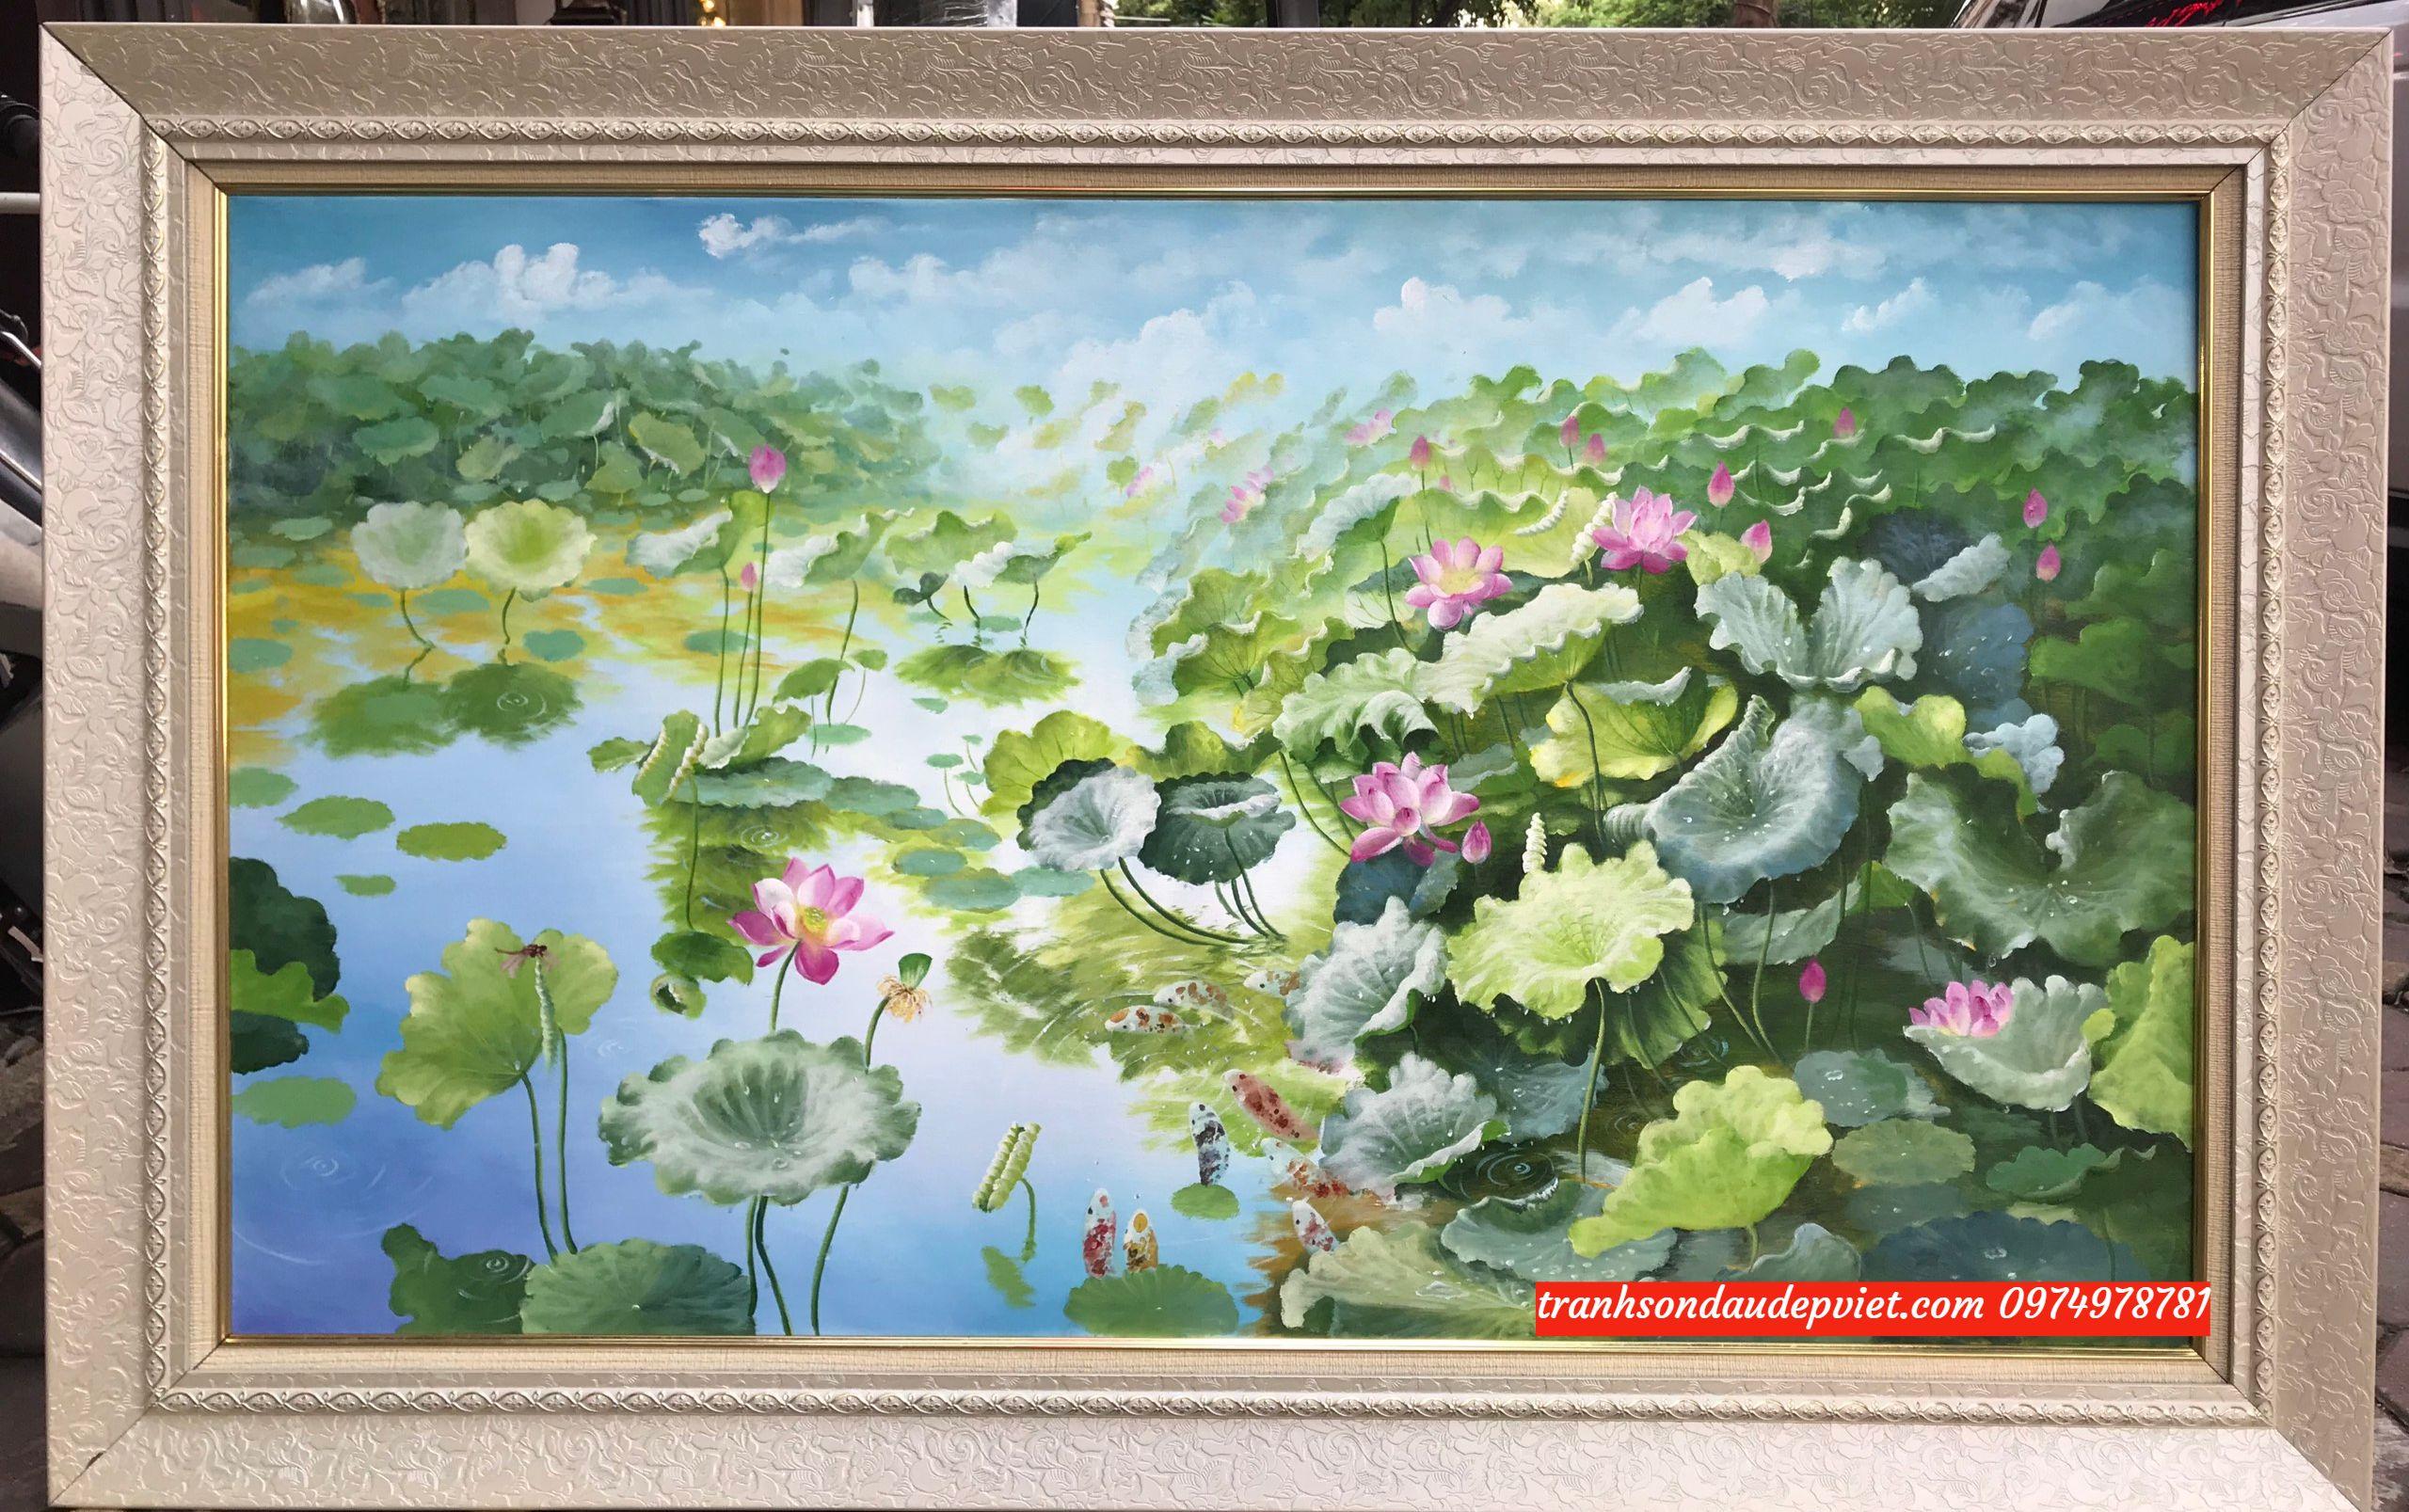 Tranh phong cảnh hoa sen, tranh sơn dầu đầm sen ý nghĩa SB083